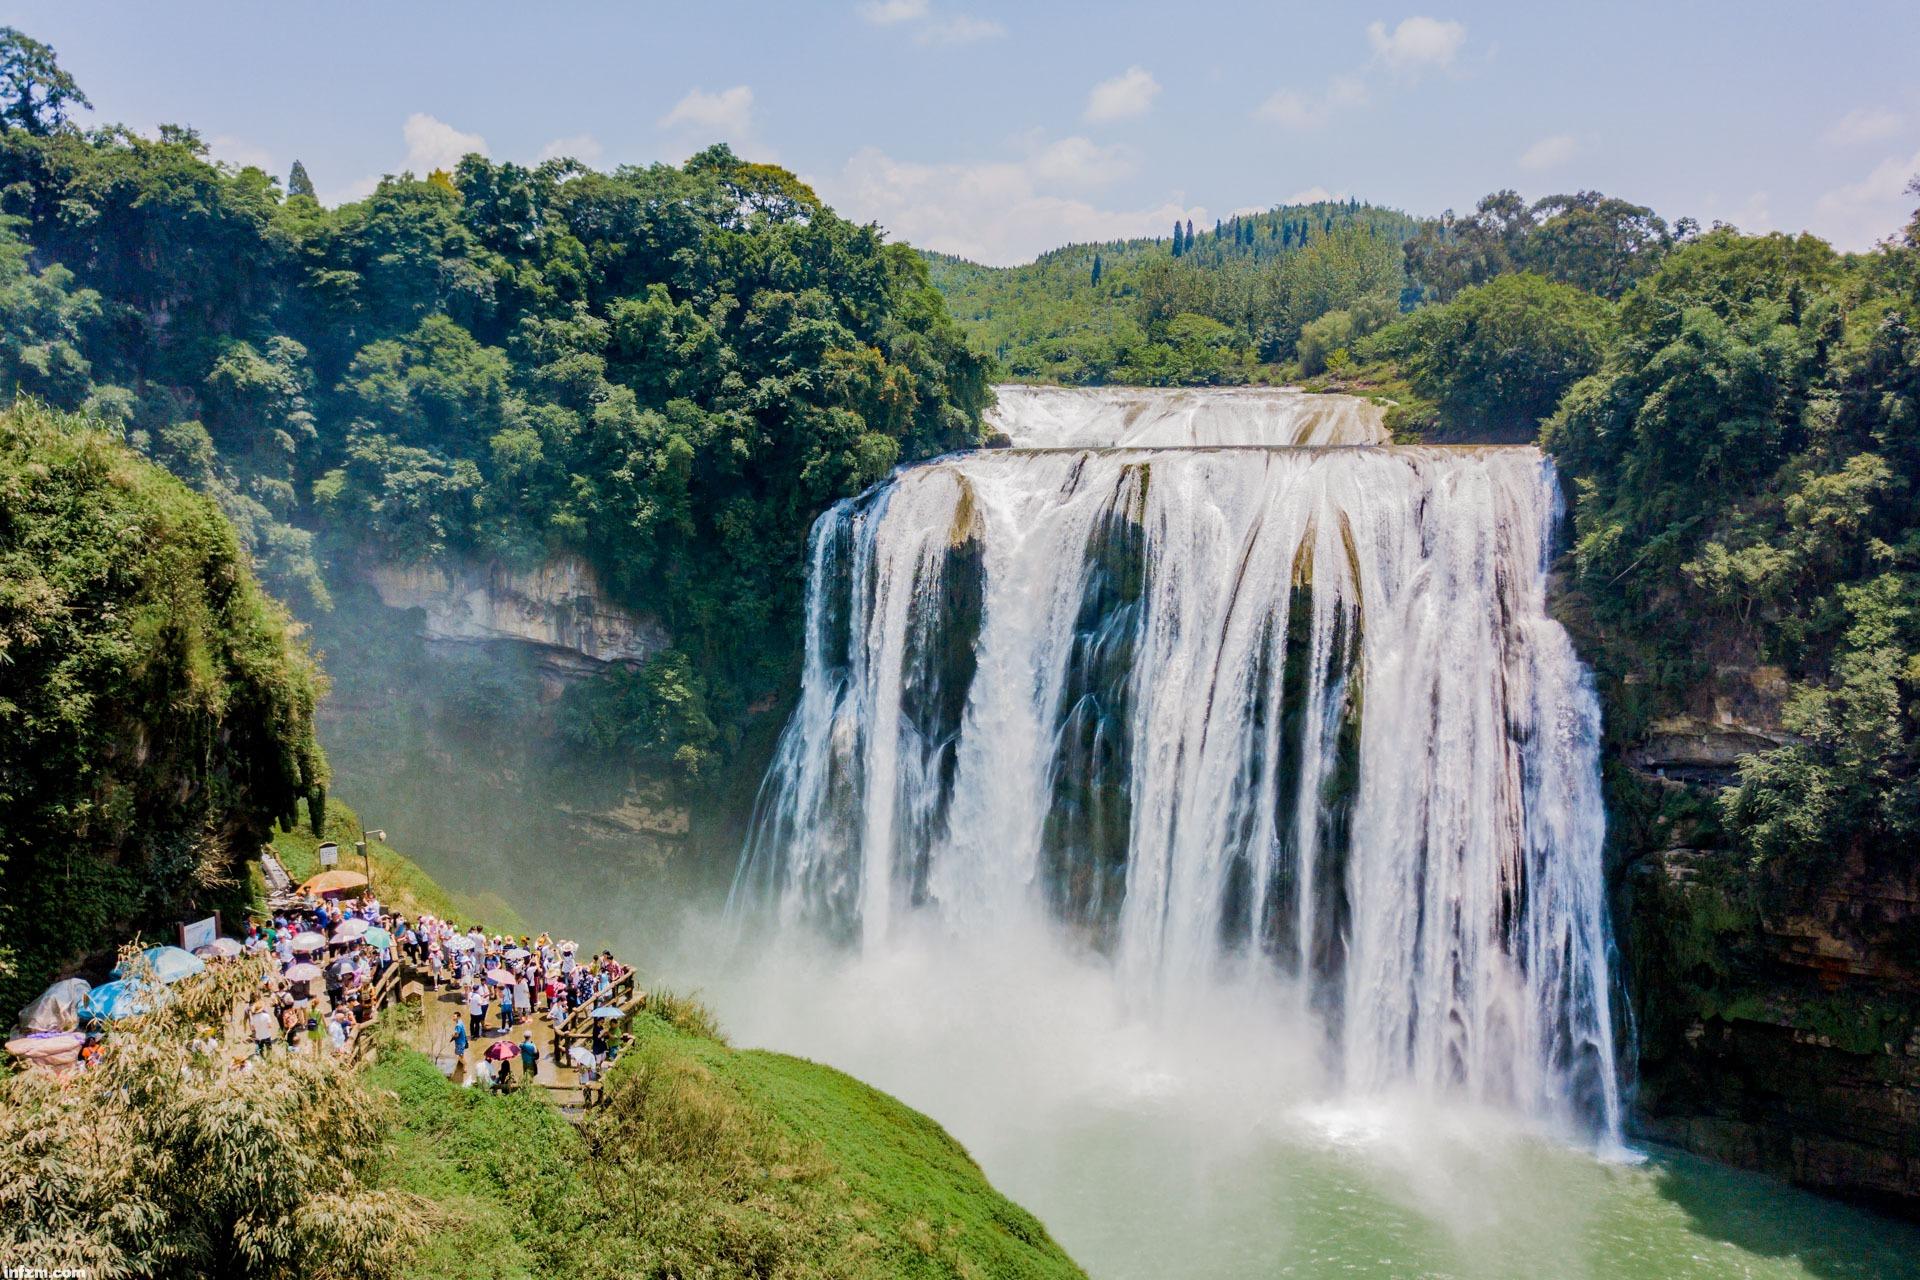 2017年8月1日,游人在贵州省安顺市黄果树瀑布景区观瀑台排队等待进入